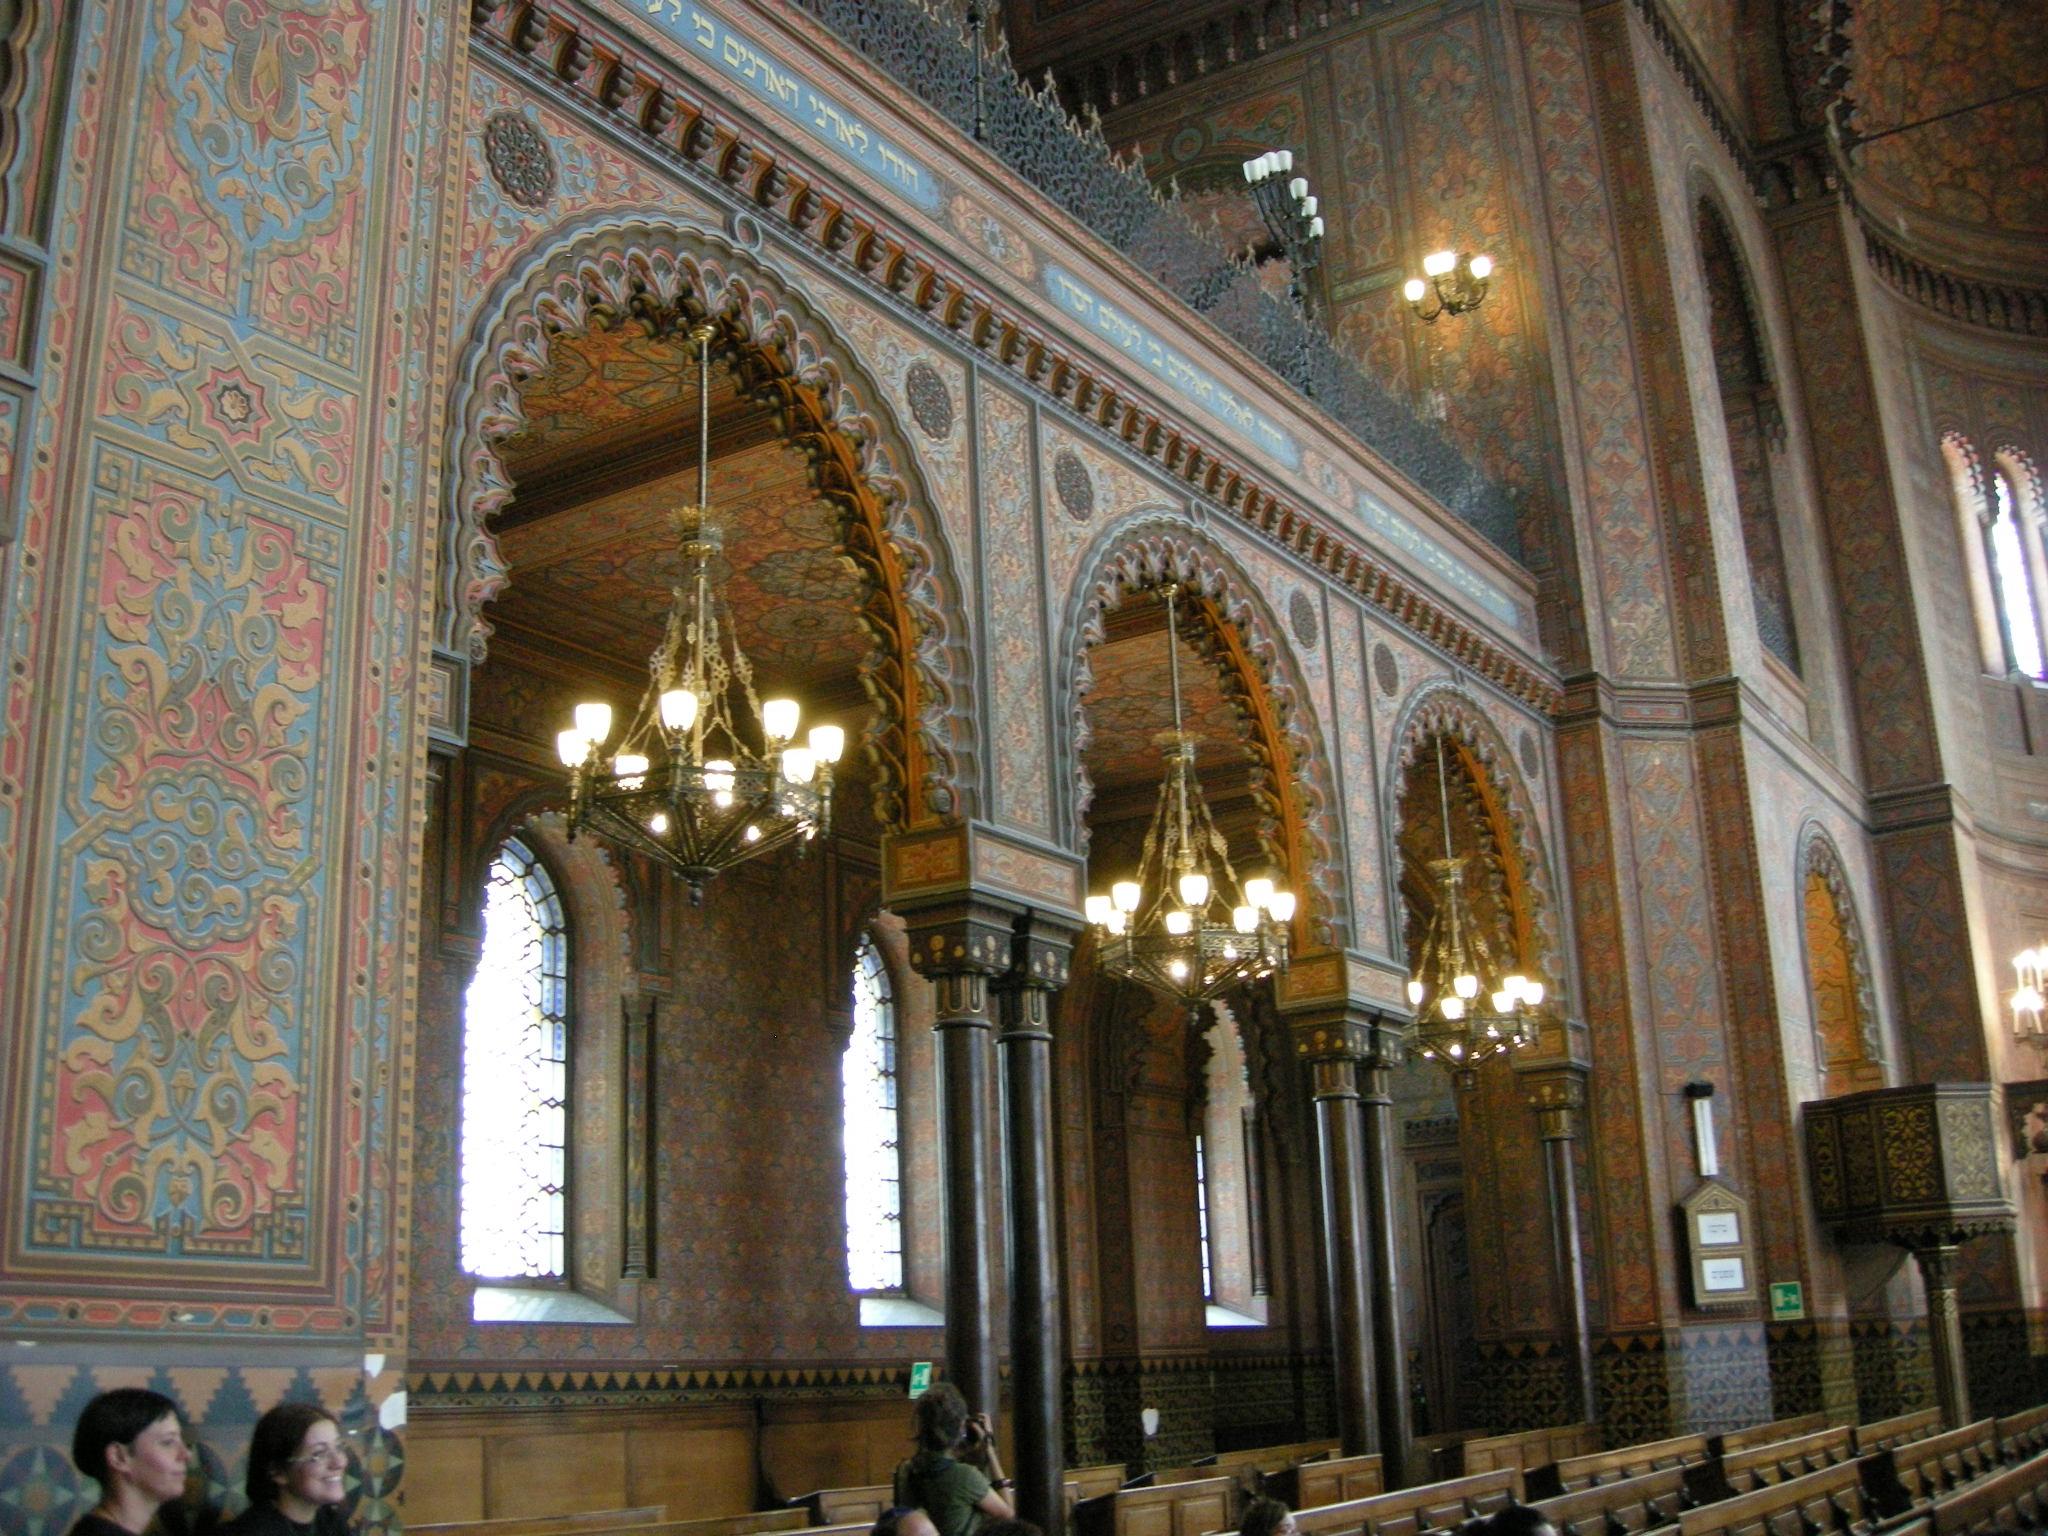 6_Sinagoga_di_firenze,_interno_07